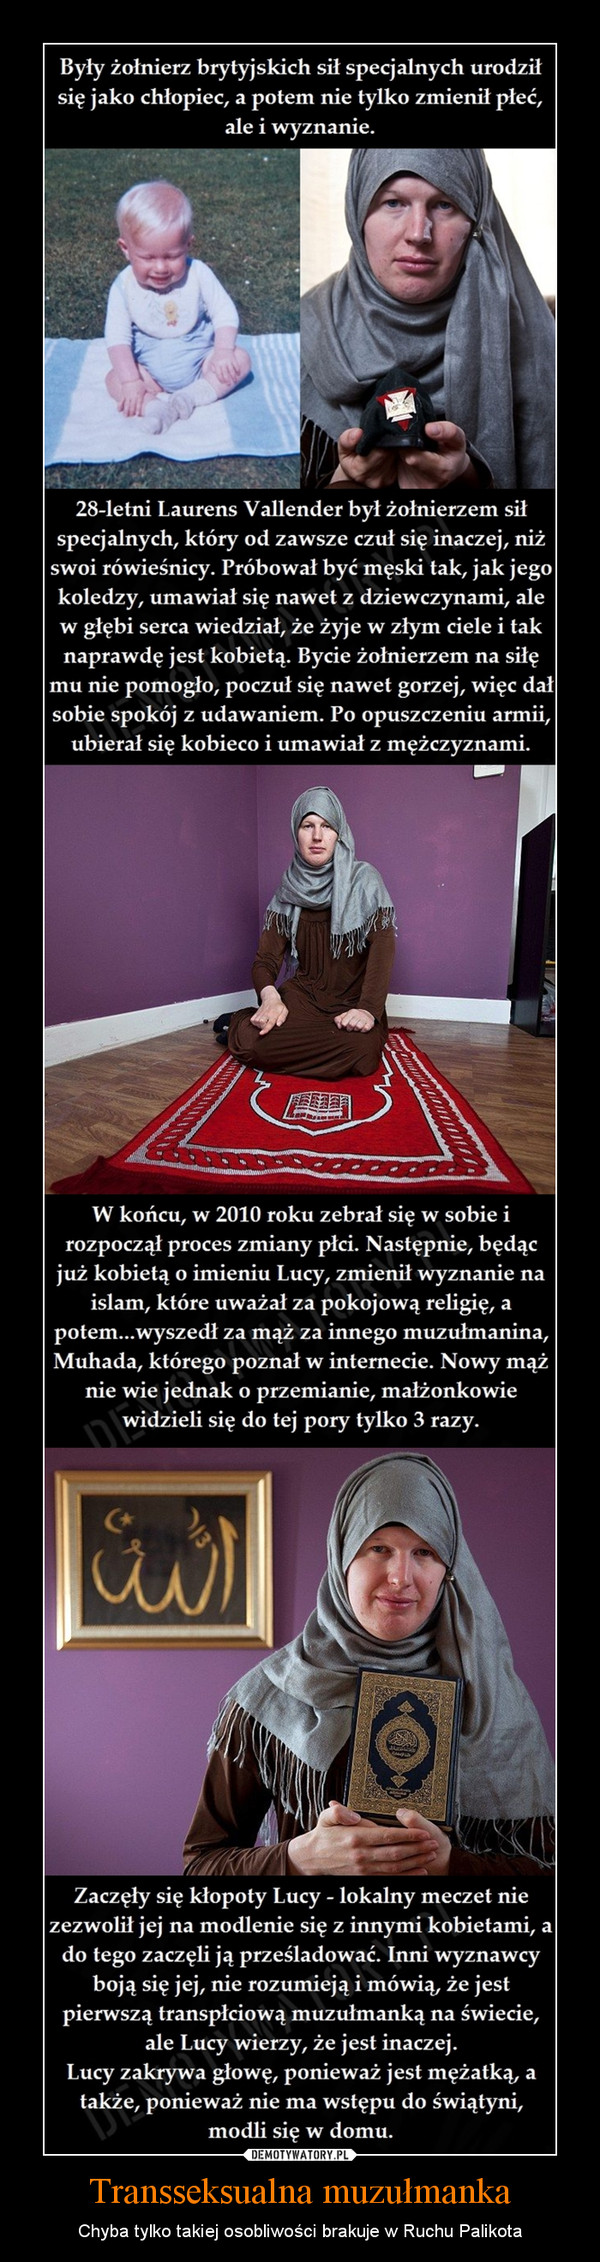 Transseksualna muzułmanka – Chyba tylko takiej osobliwości brakuje w Ruchu Palikota